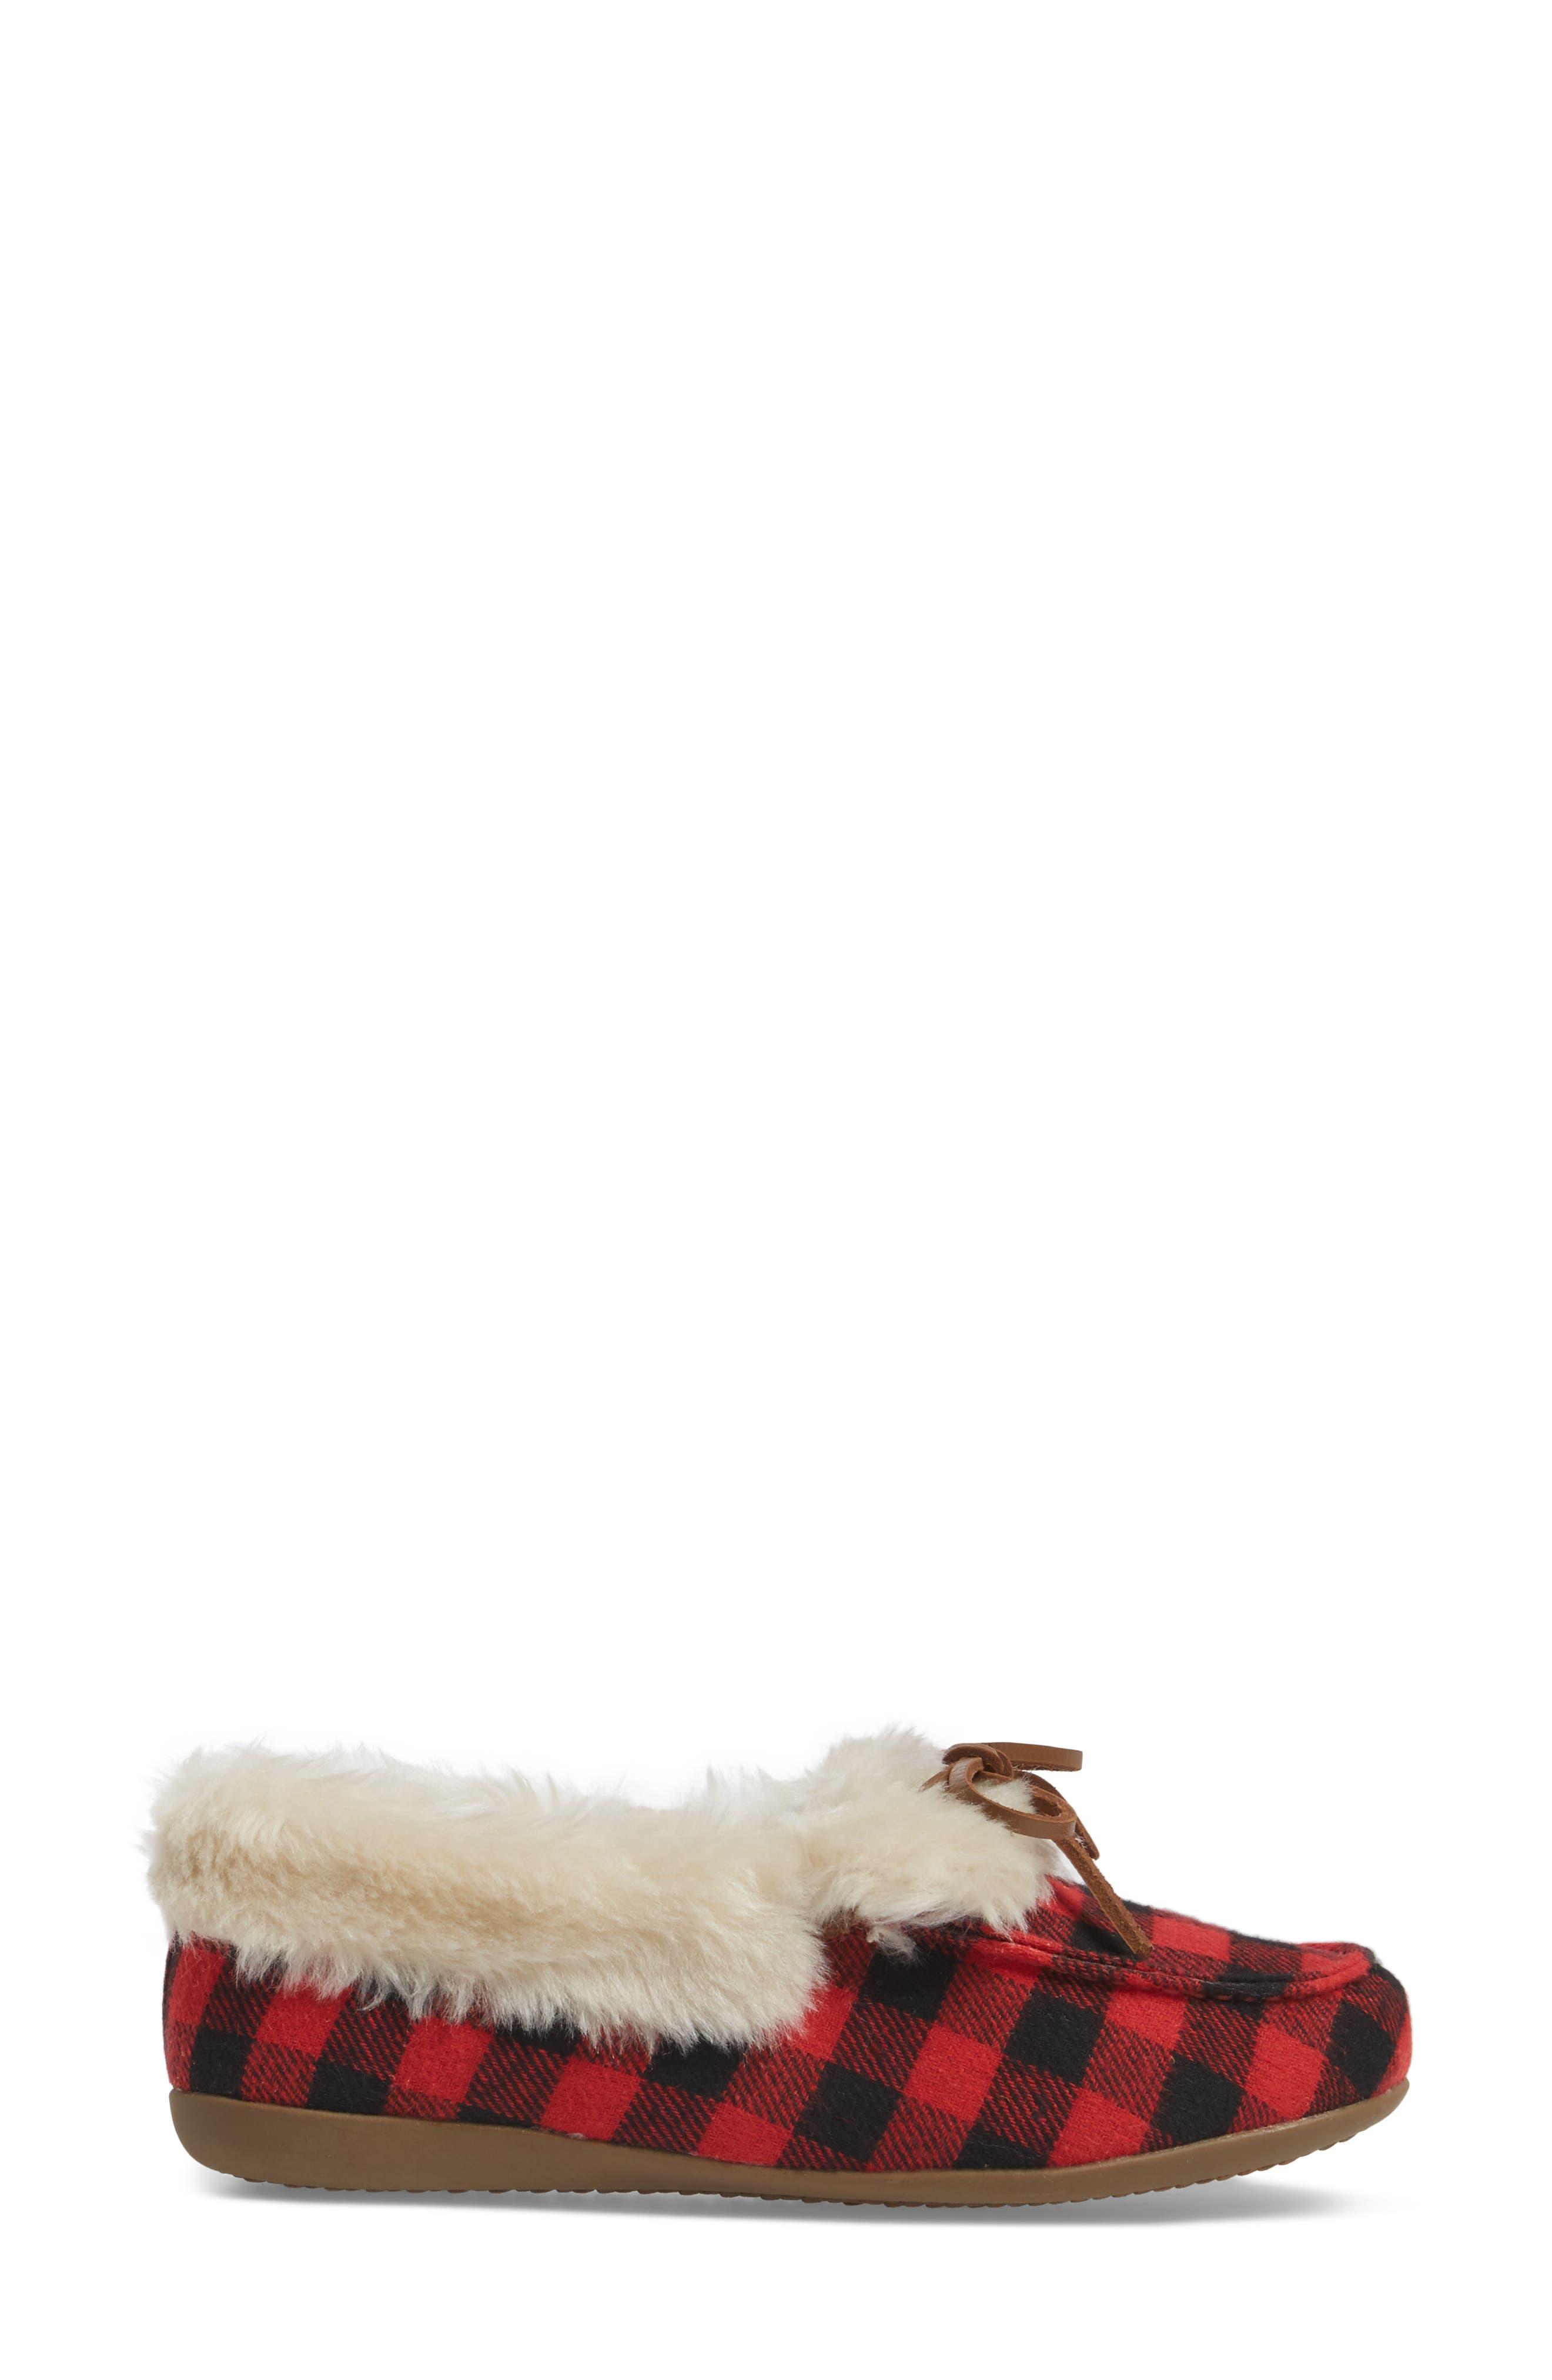 Alternate Image 3  - Vionic Juniper Faux Fur Slipper (Women)